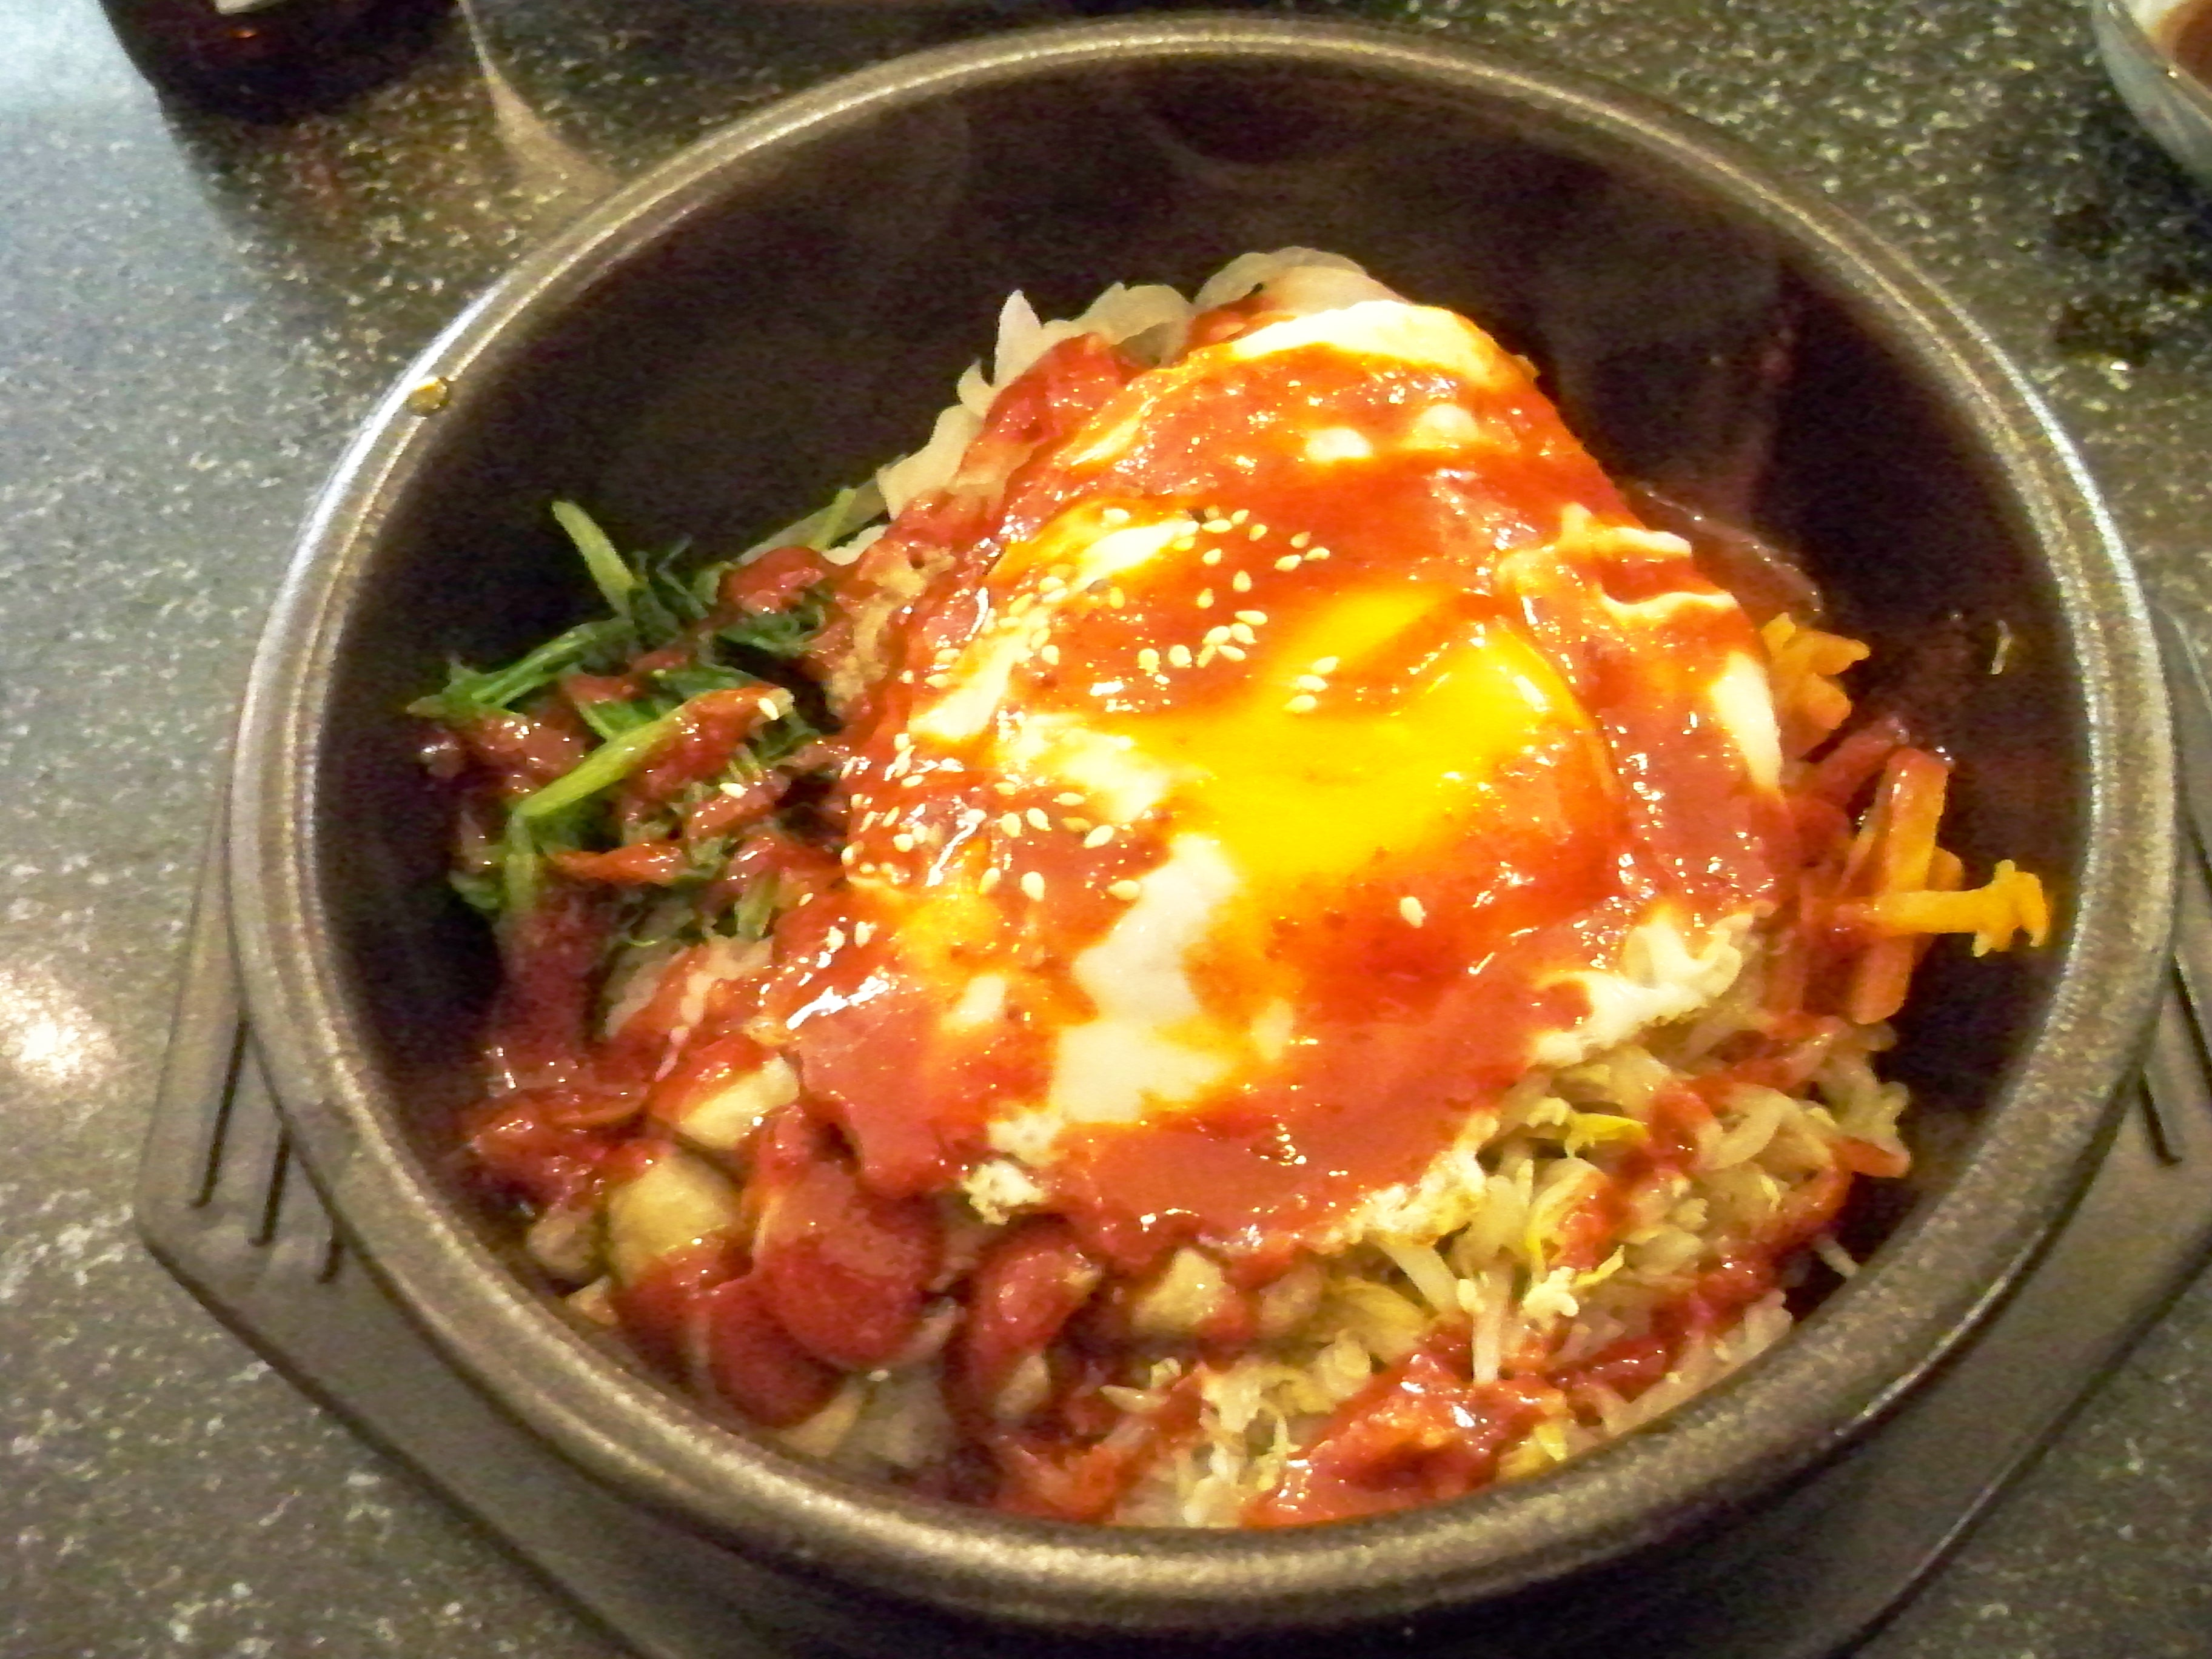 ... korean kalbi korean bbq burgers vegetarian korean dolsot bibimbap